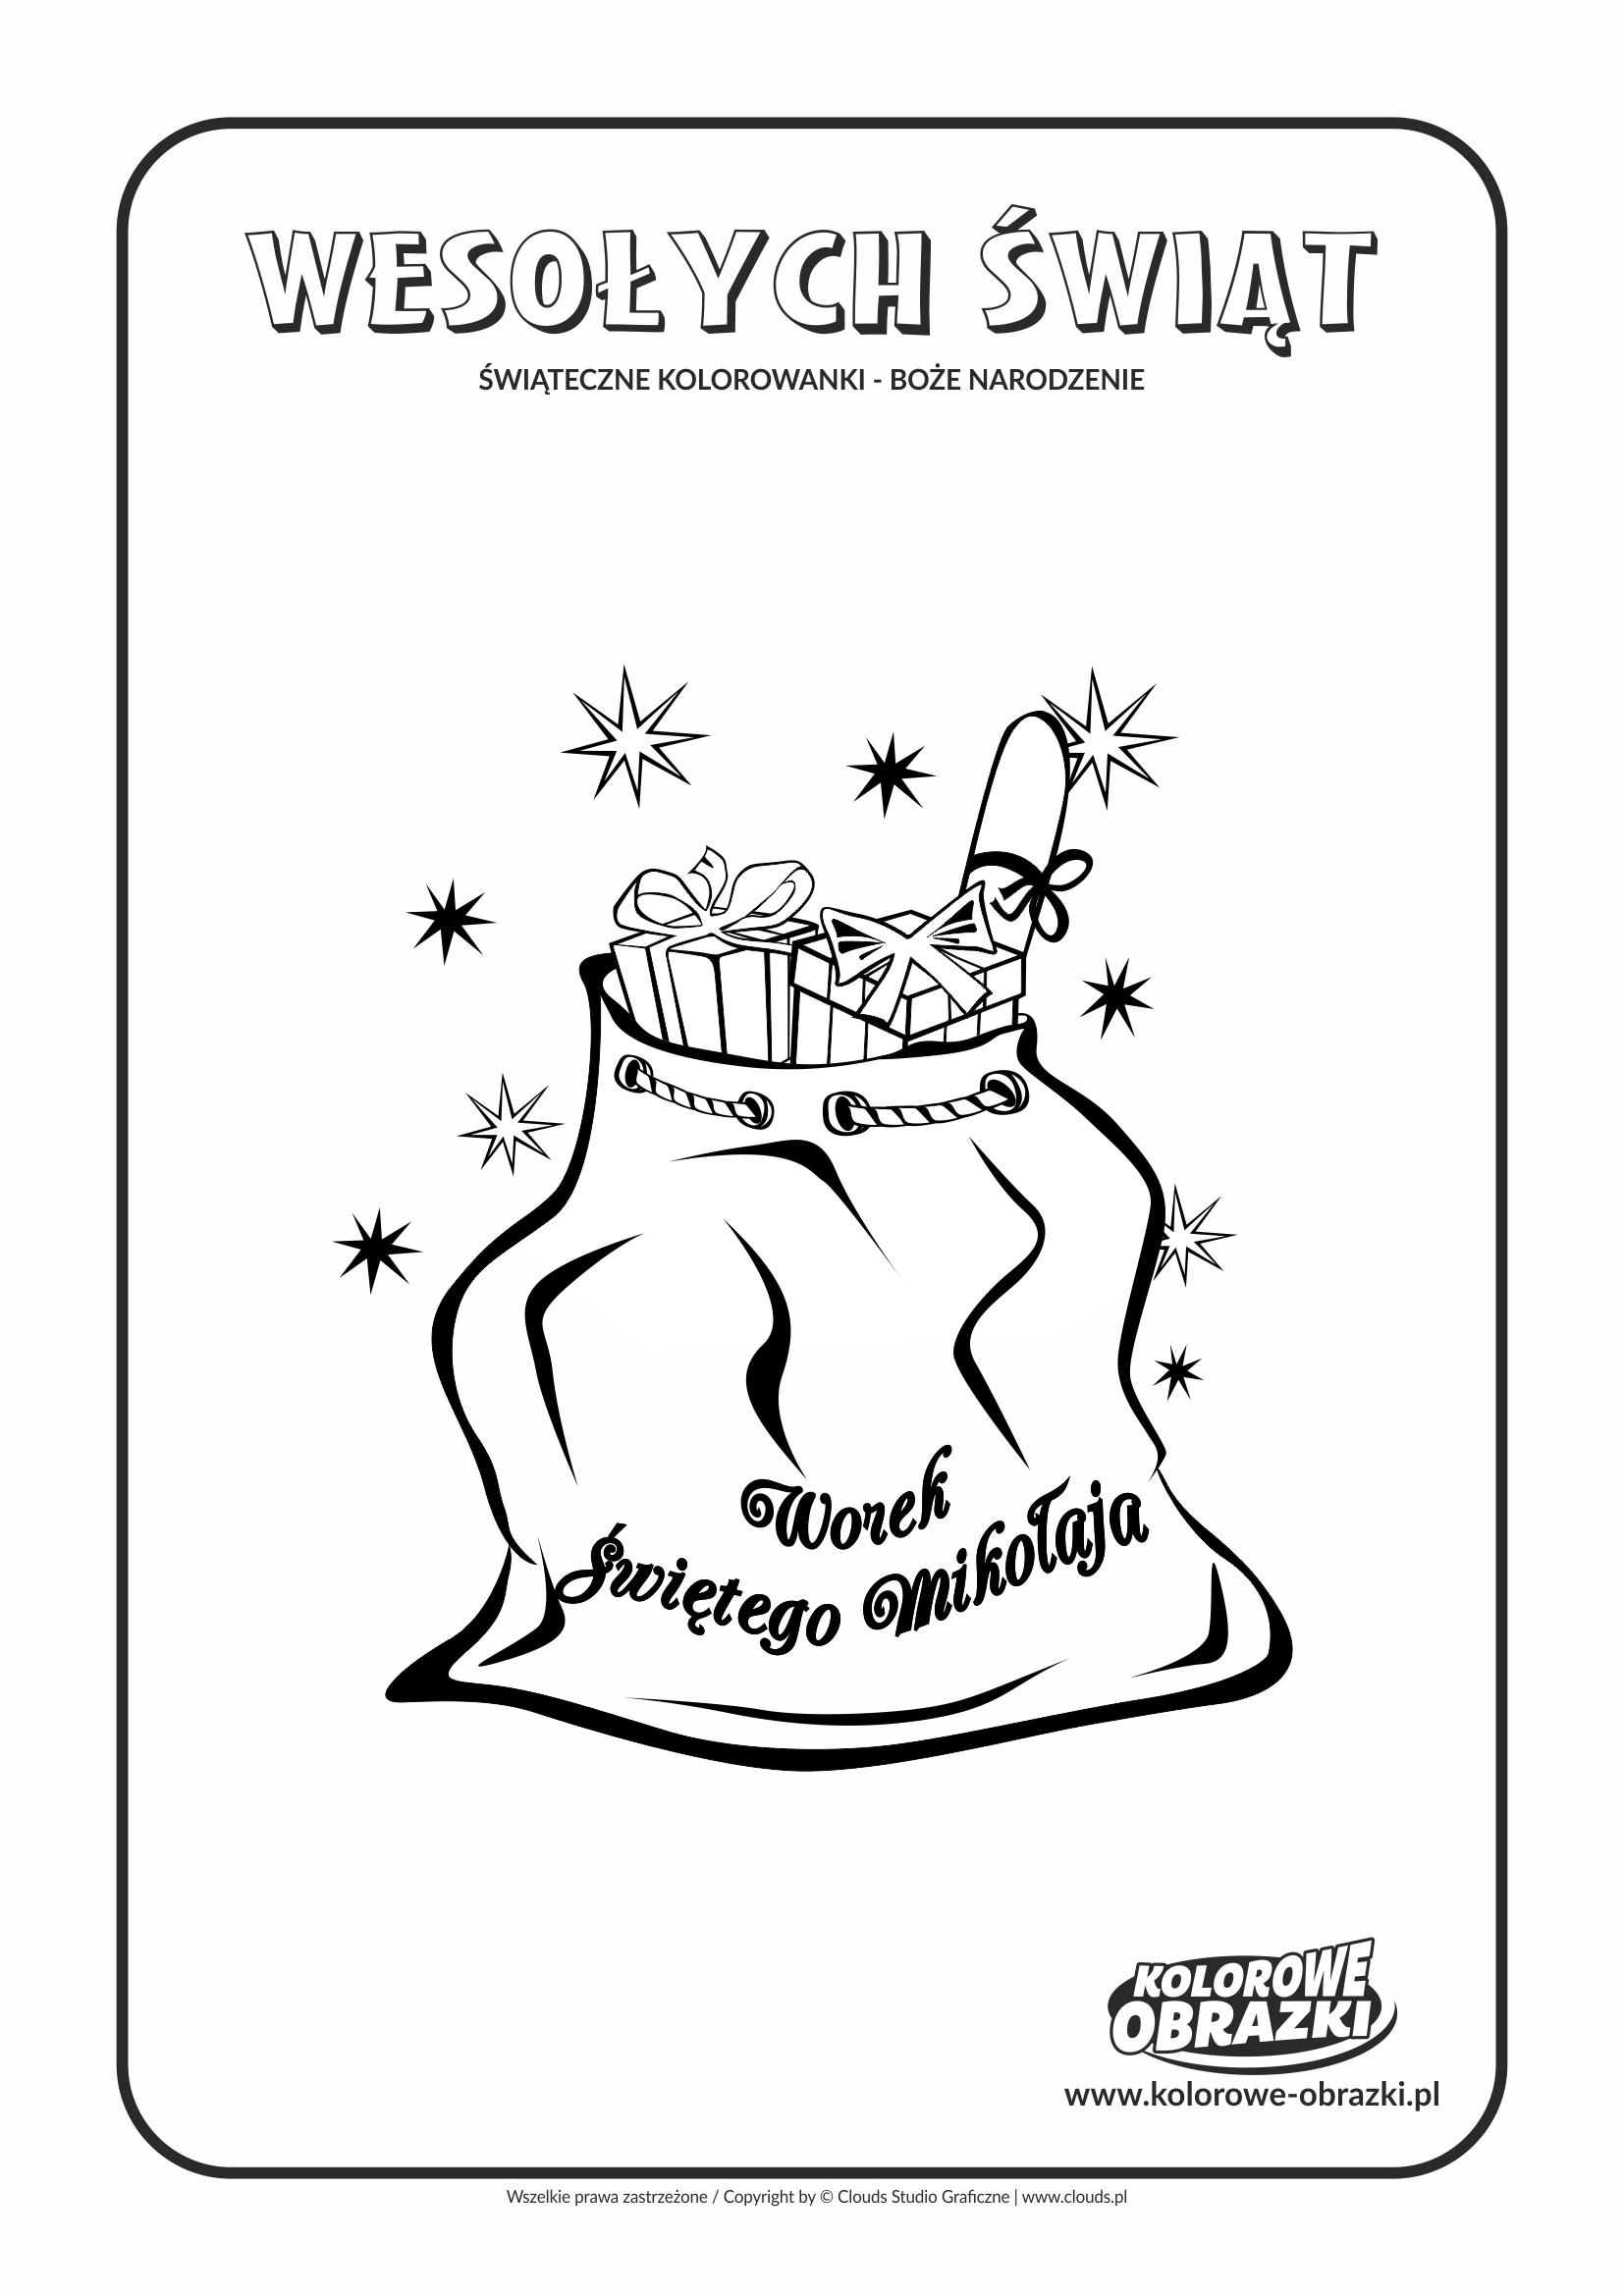 Kolorowanki dla dzieci - Święta / Boże Narodzenie - Worek Świętego Mikołaja. Kolorowanka z Bożym Narodzeniem